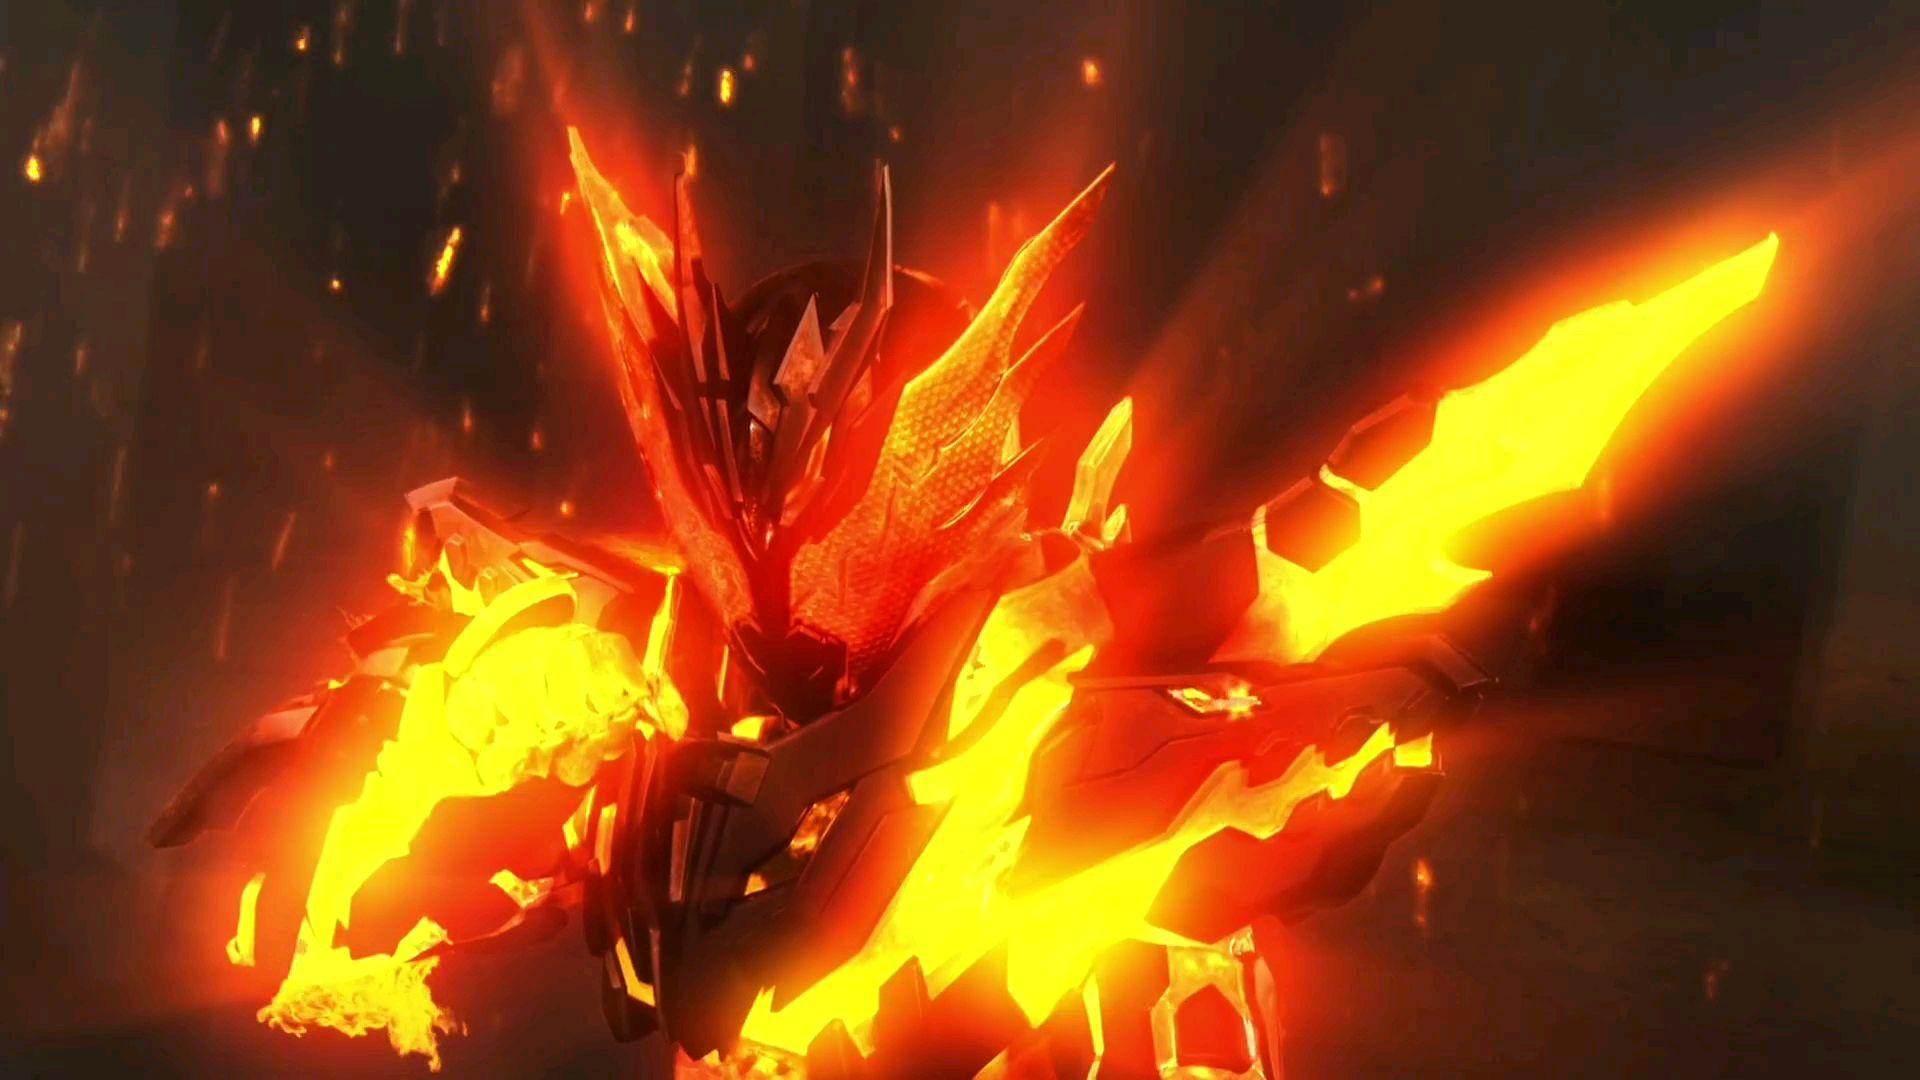 【假面骑士/Cross-Z篇】喷出的岩浆